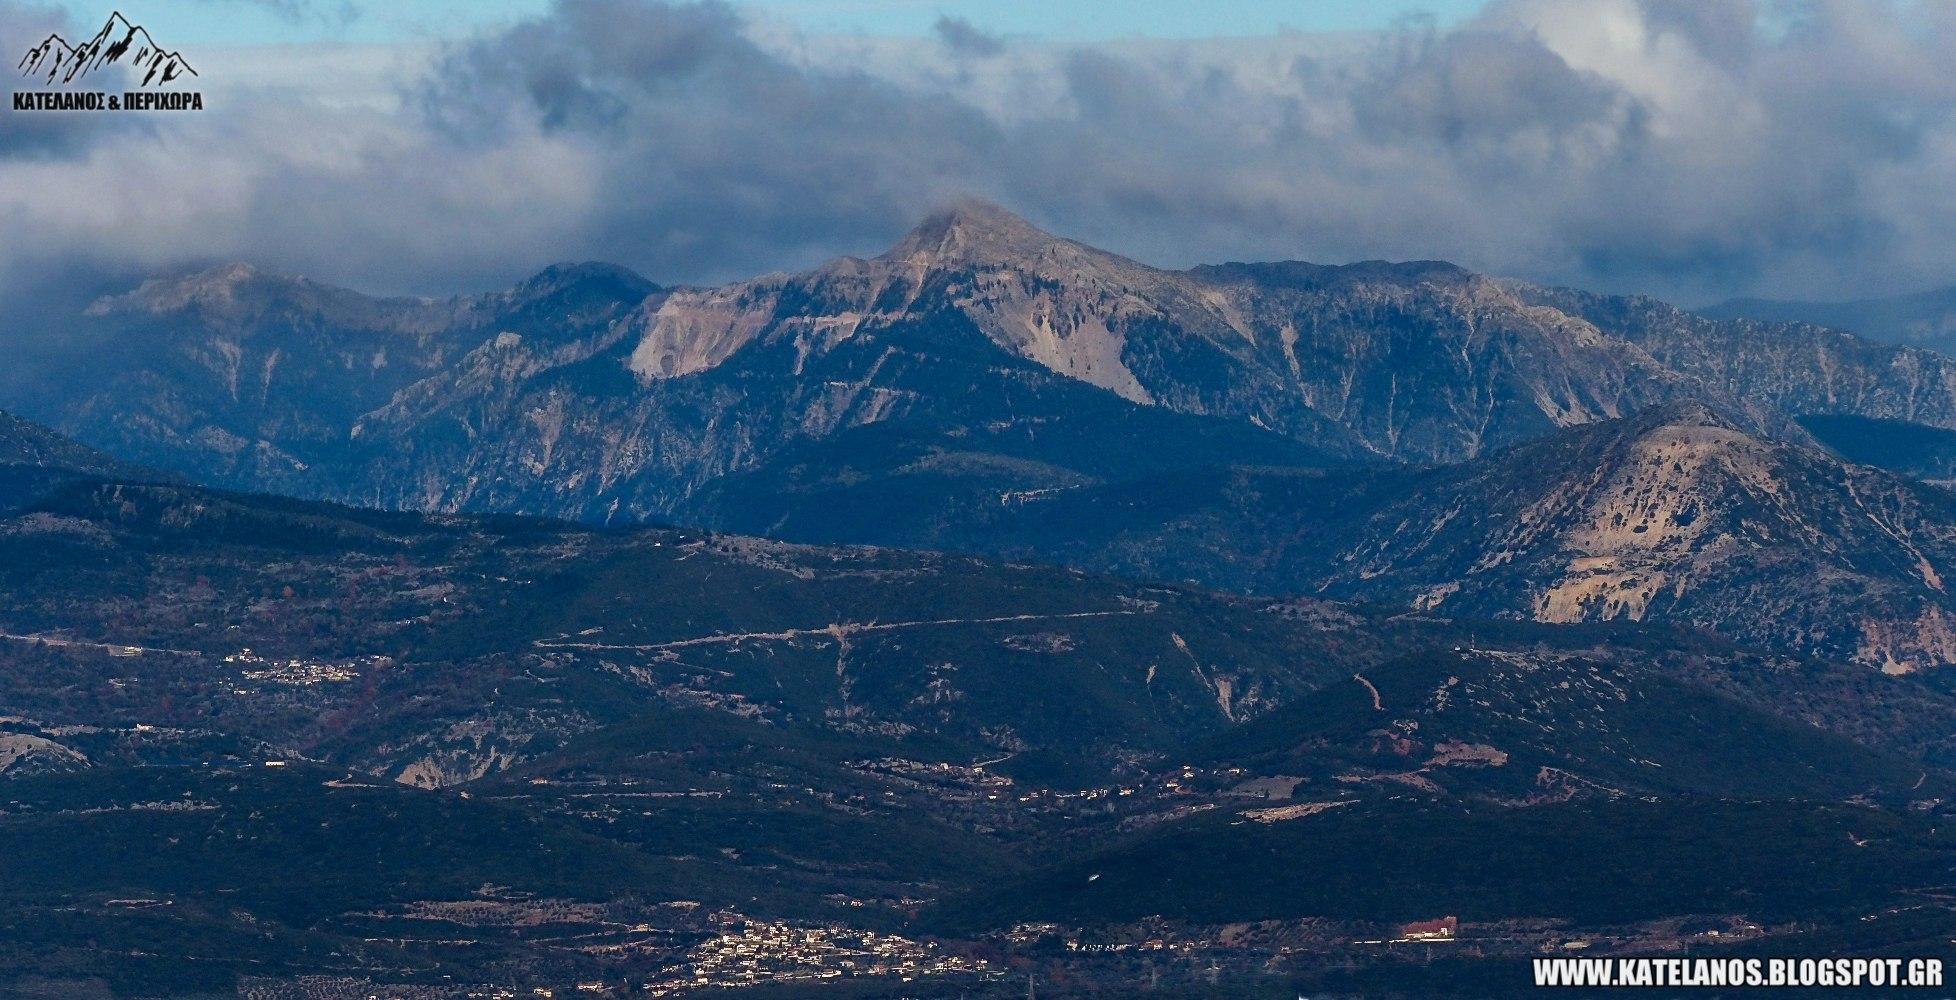 πετροχώρι θέρμου άννινος βουνοκορφή